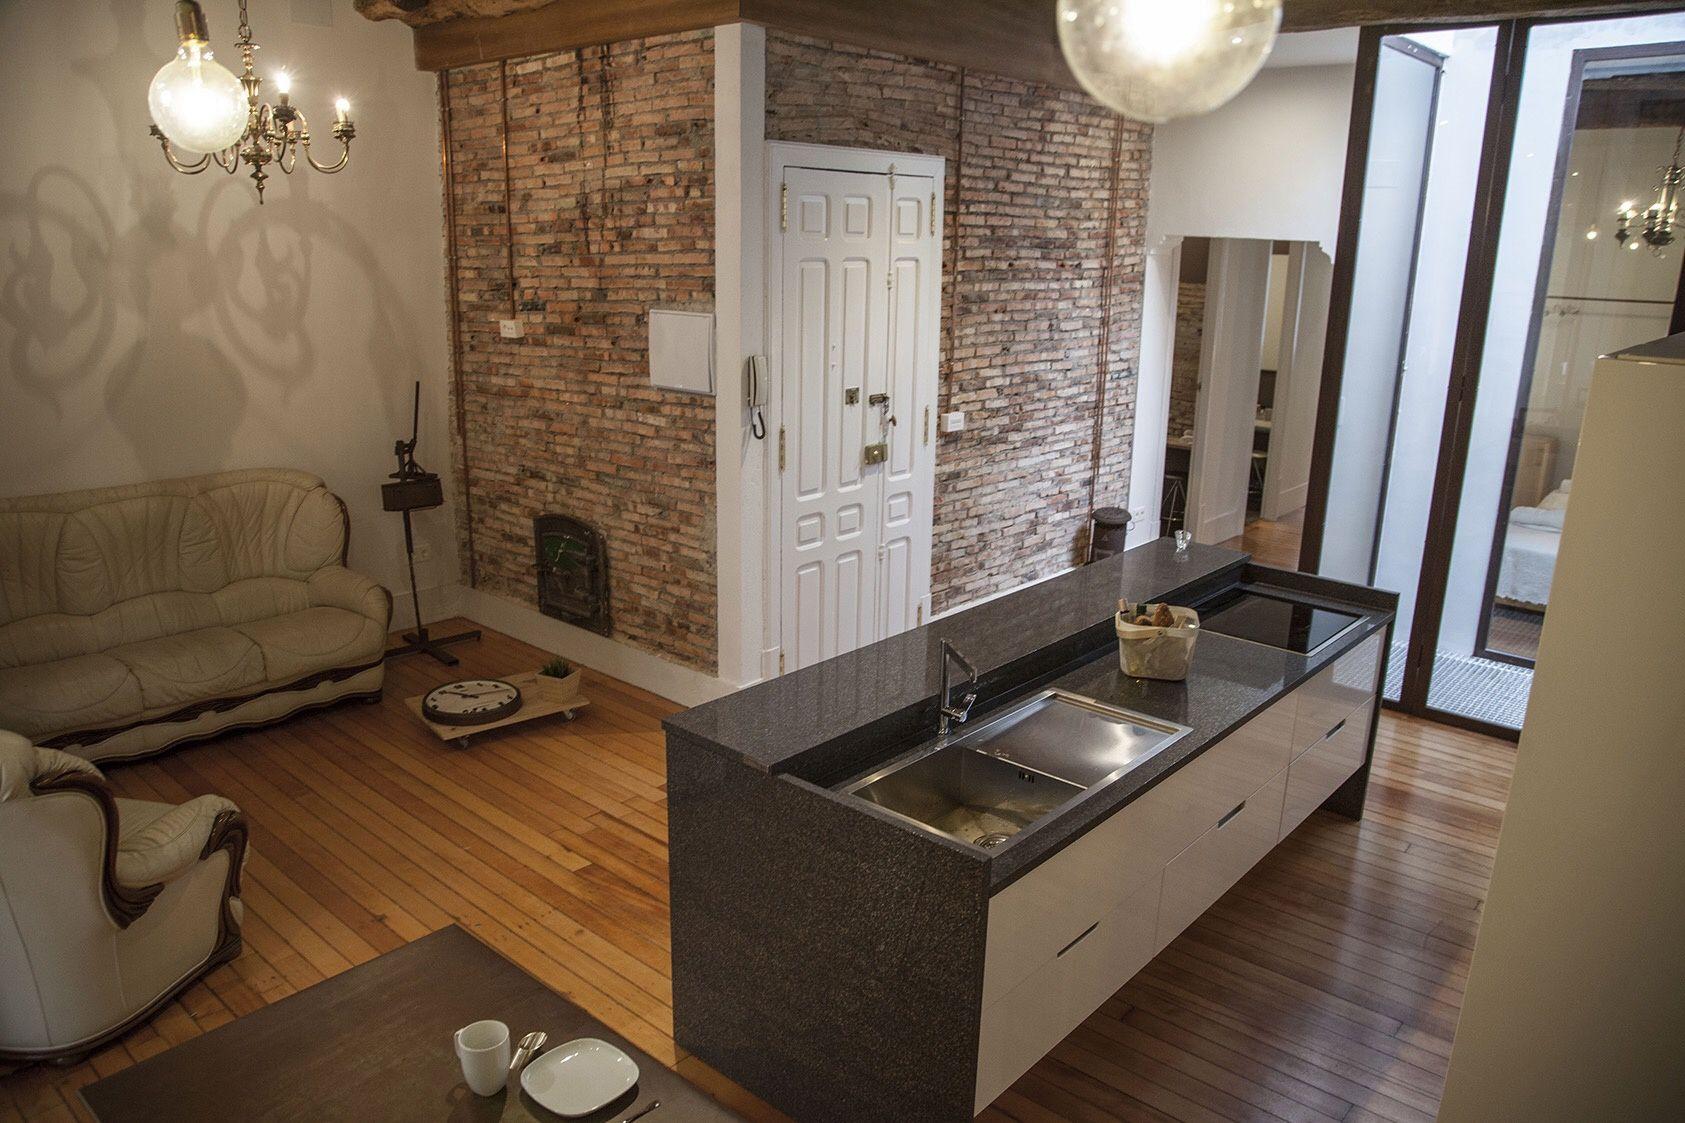 Cocina Sal N Abierto Ad Espa A Airbnb Cocinas Pinterest  # Muebles Requejo